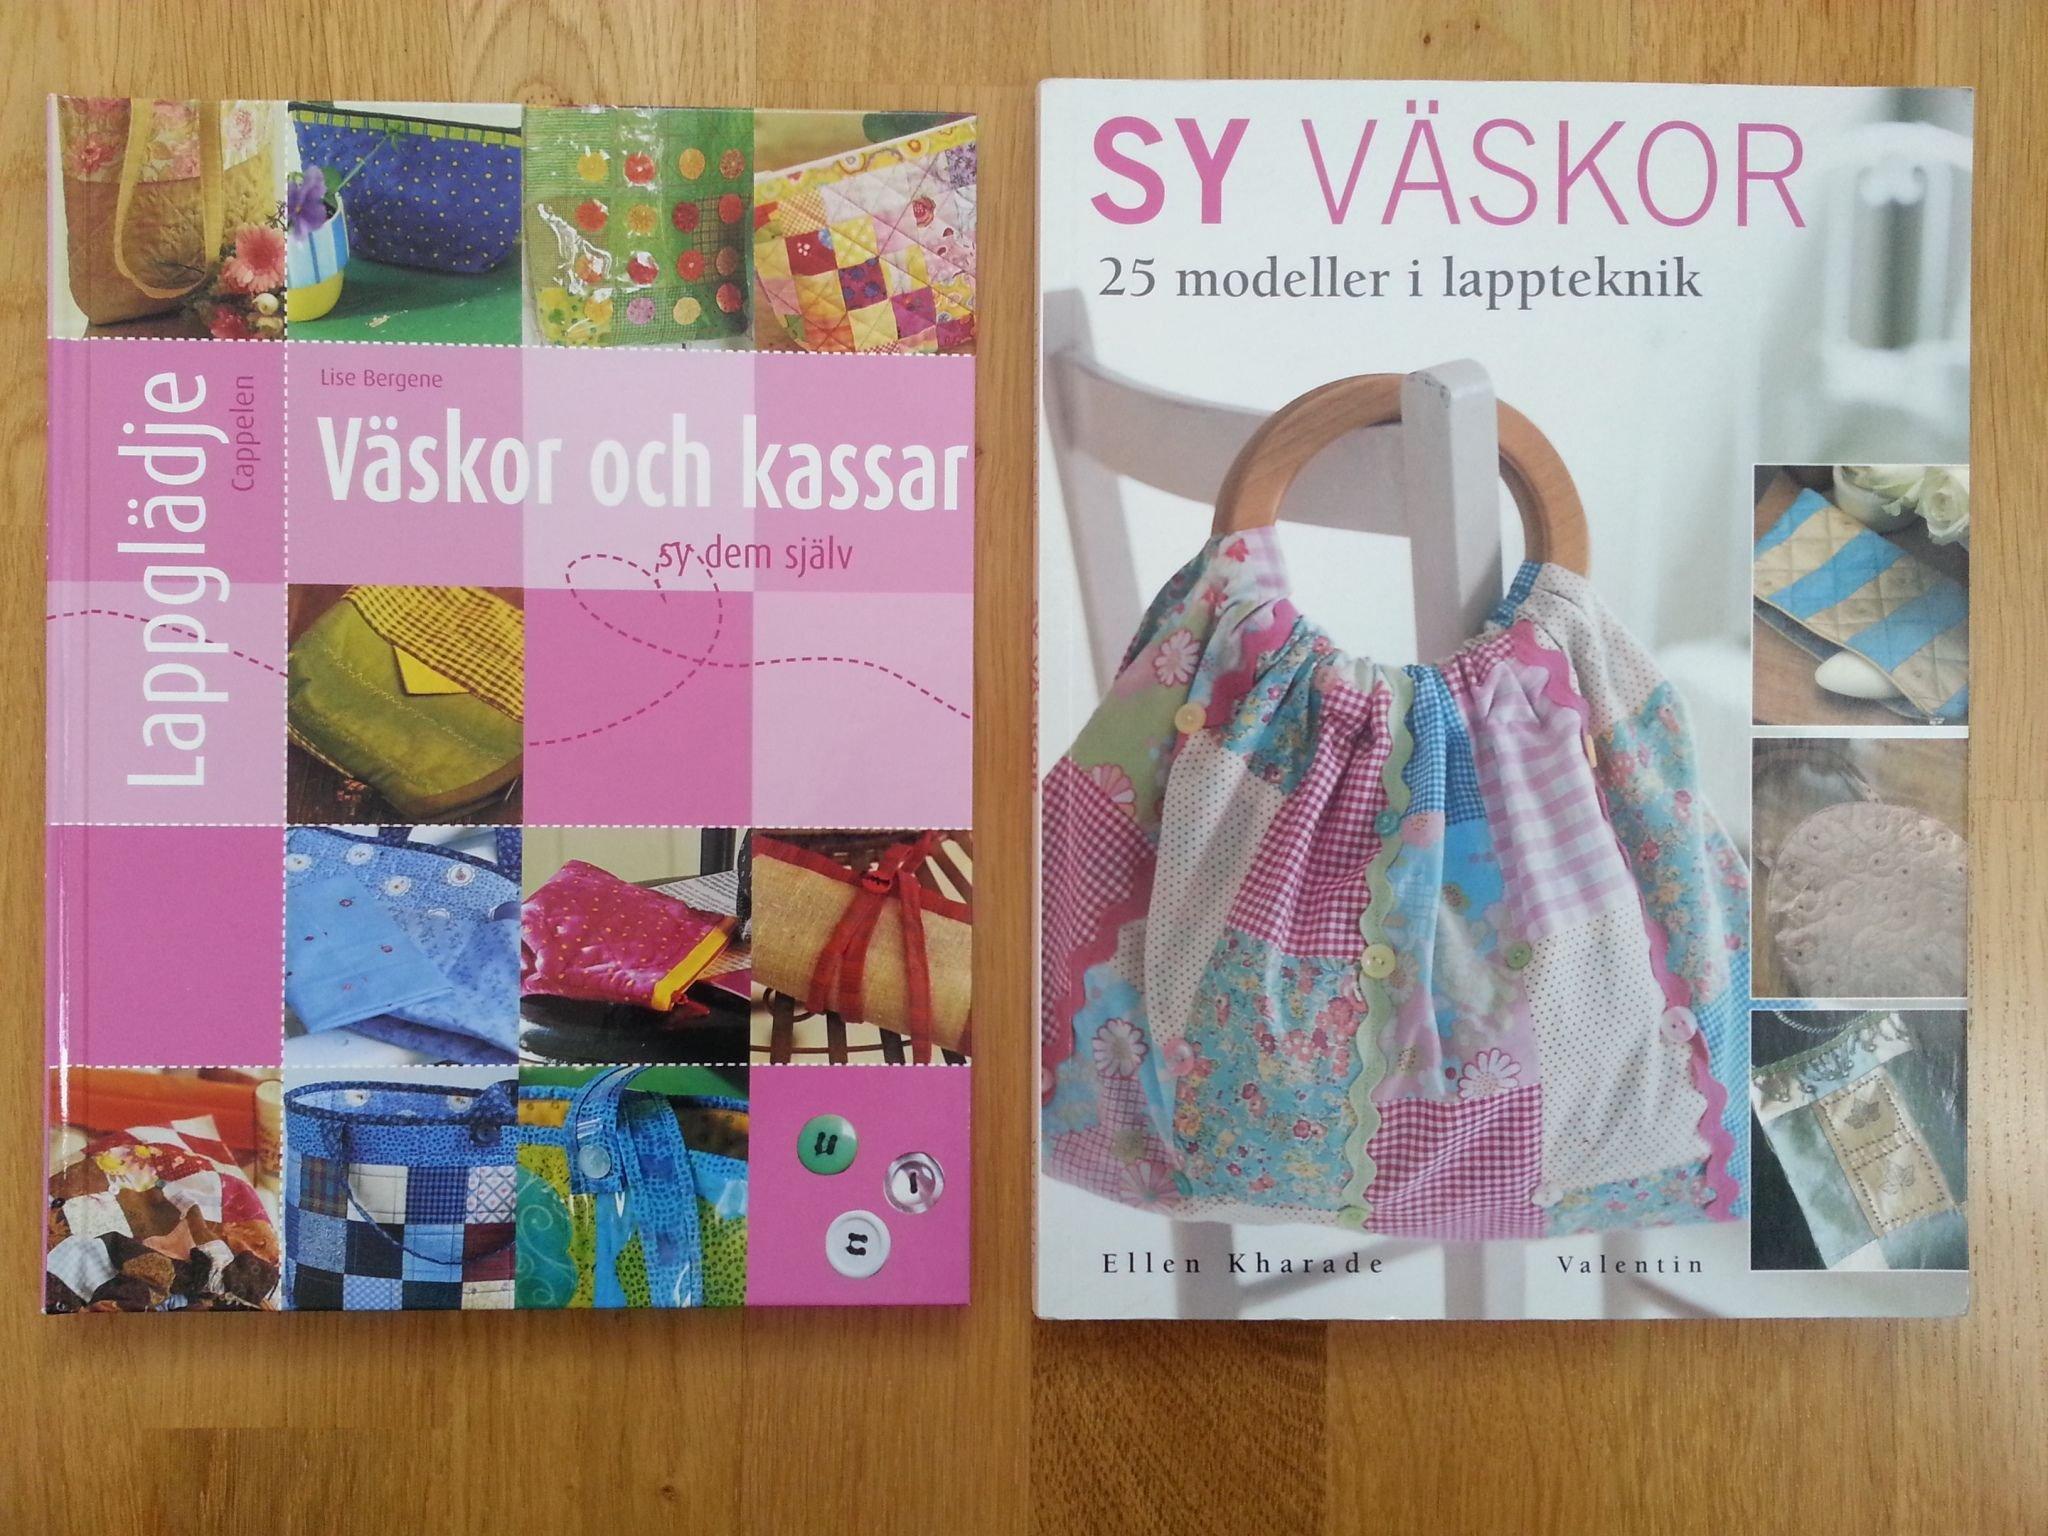 2st böcker Sy väskor och väskor lappteknik och kassar lappglädje